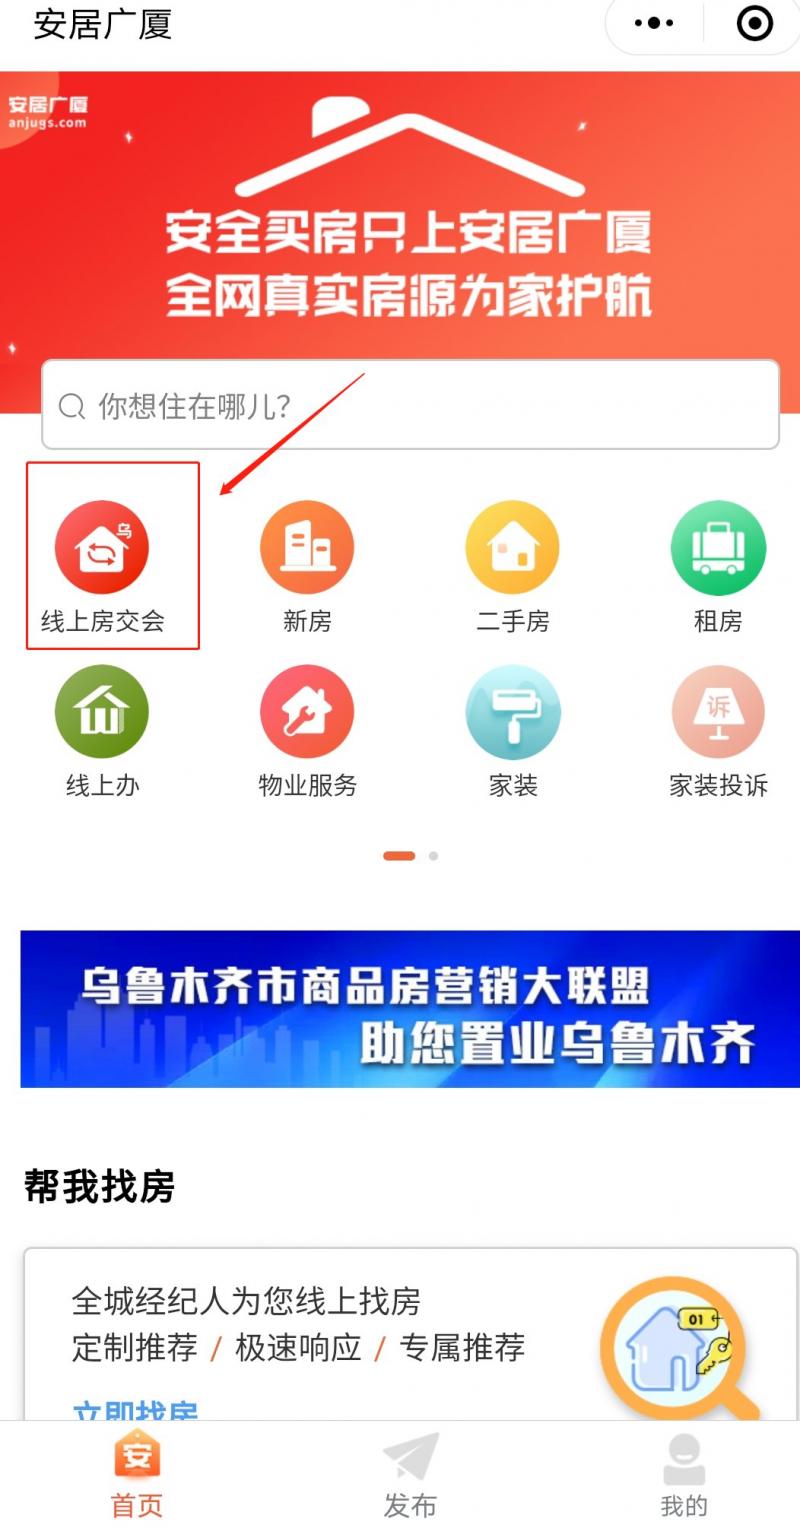 """乌鲁木齐""""安居广厦""""商品房预审贷平台正式上线运行"""